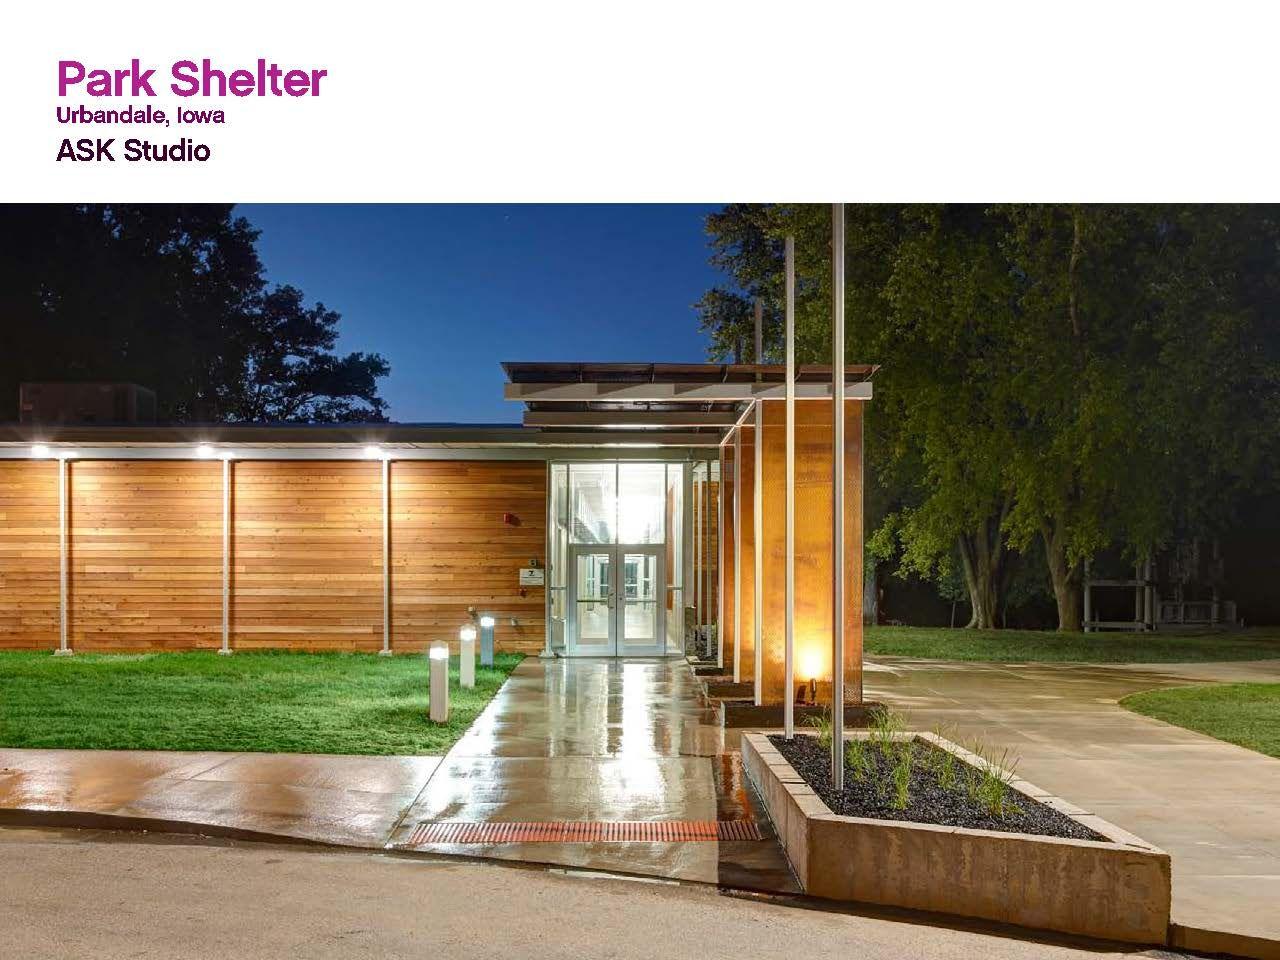 Park Shelter Designed By Ask Studio 2013 Design Award Winner